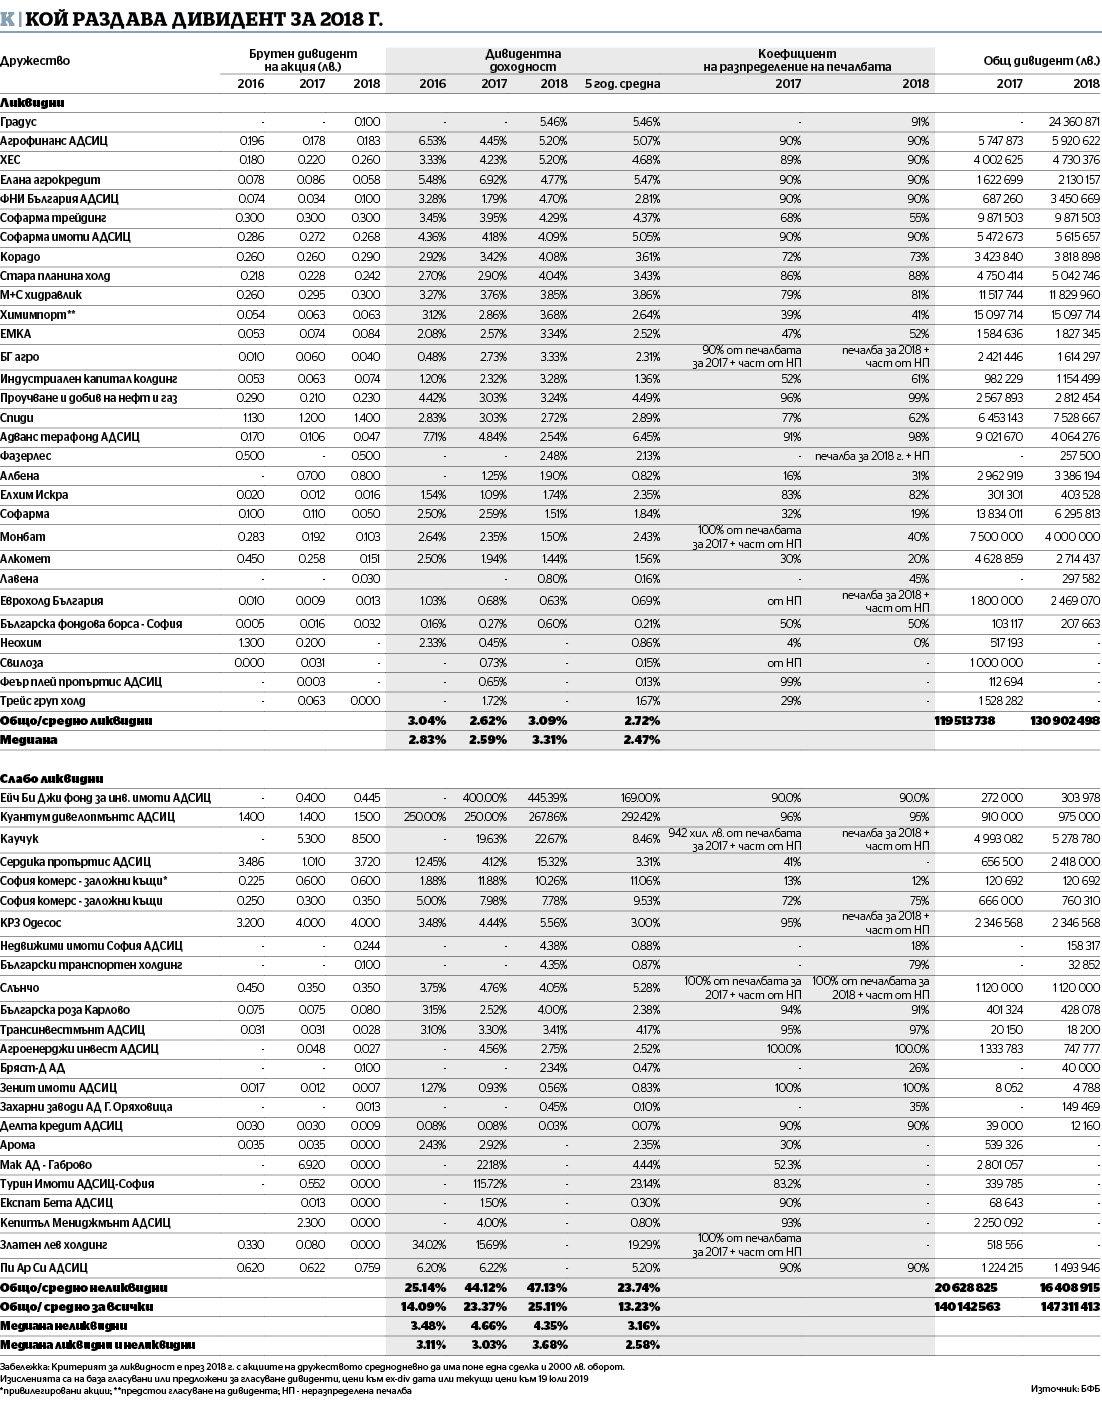 Кои компании на БФБ раздадоха дивиденти за 2018 г. (данни: БФБ)